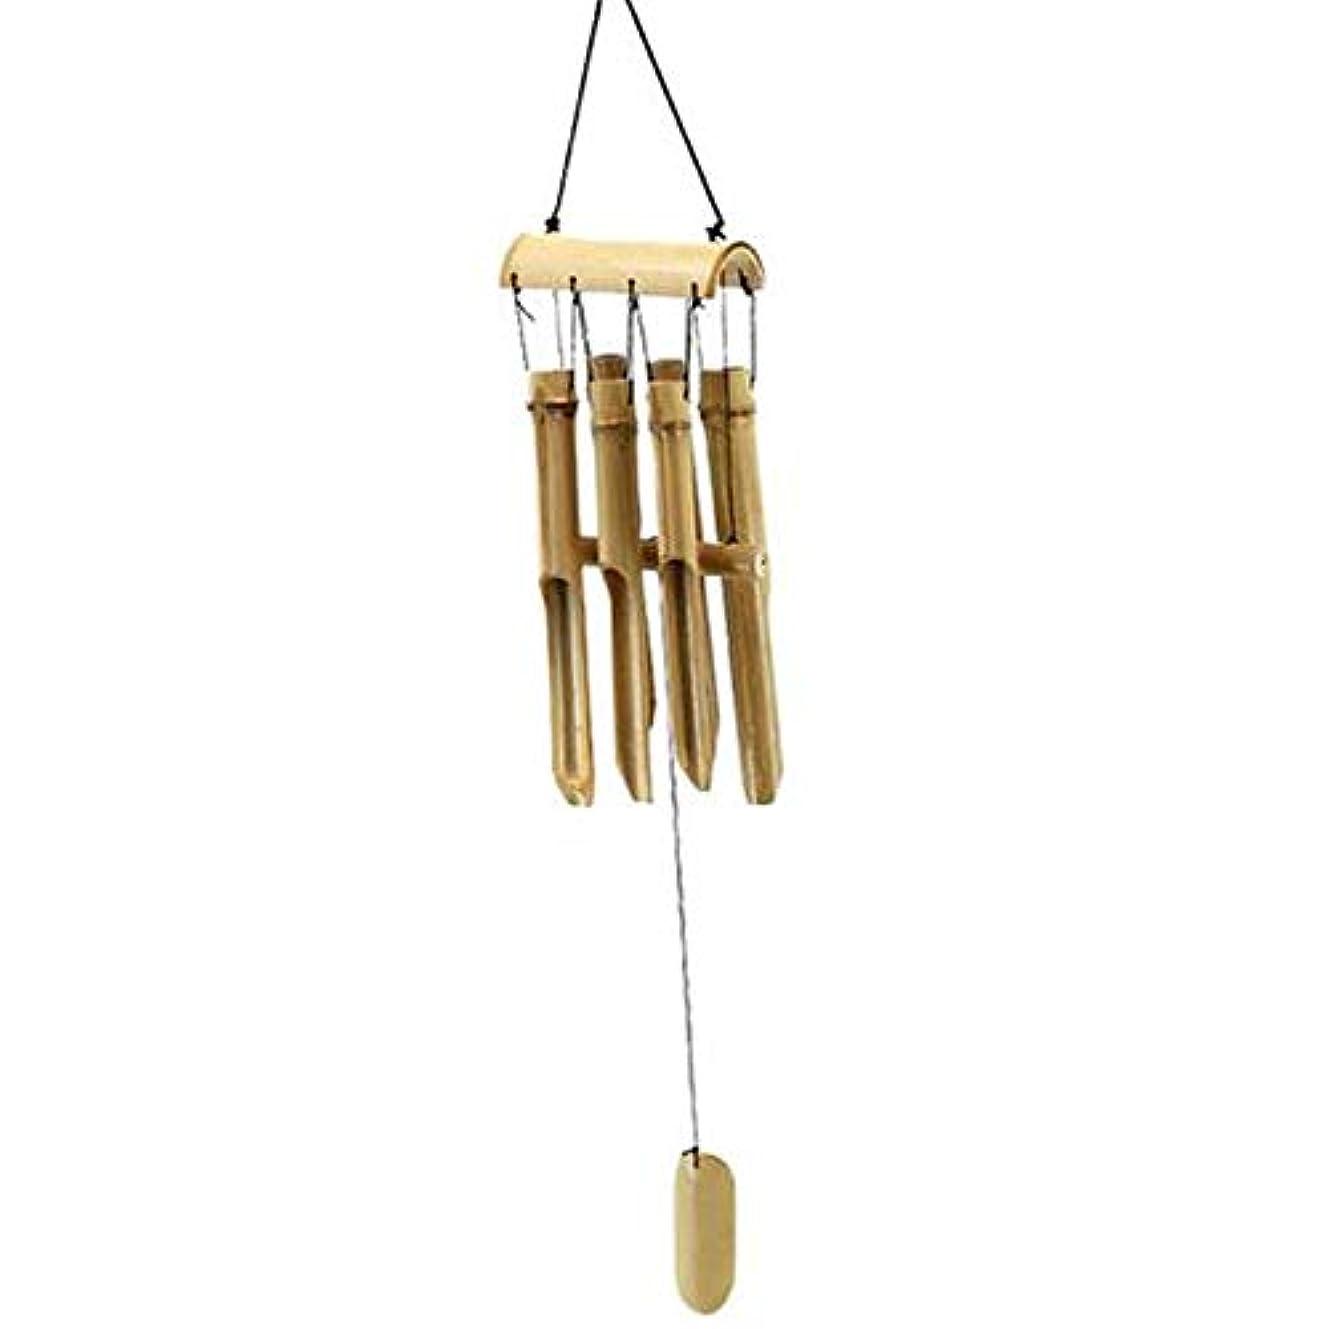 リング隠されたのぞき穴Yougou01 風チャイム、中国のスタイルヴィンテージ手作りの竹風チャイム、ブラウン、全身について67CM、90CM 、創造的な装飾 (Size : 90cm)